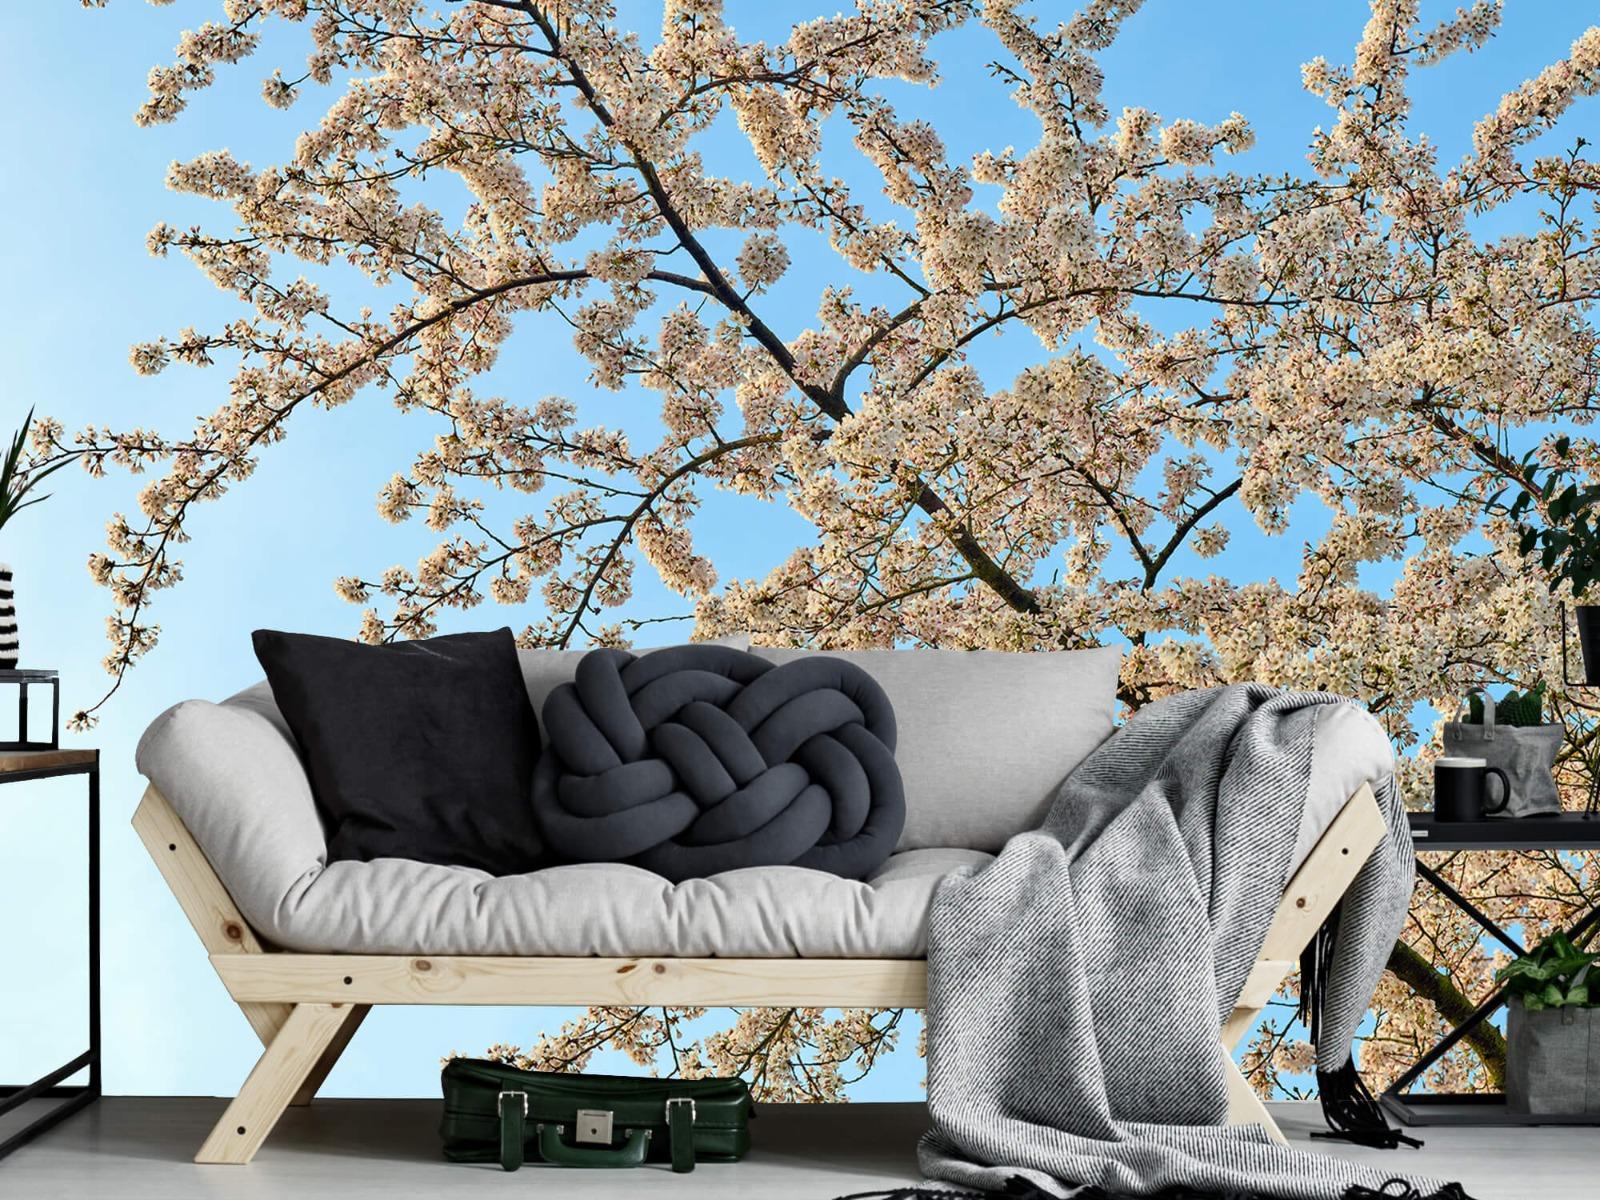 Bomen - Bloesemtak - Slaapkamer 6